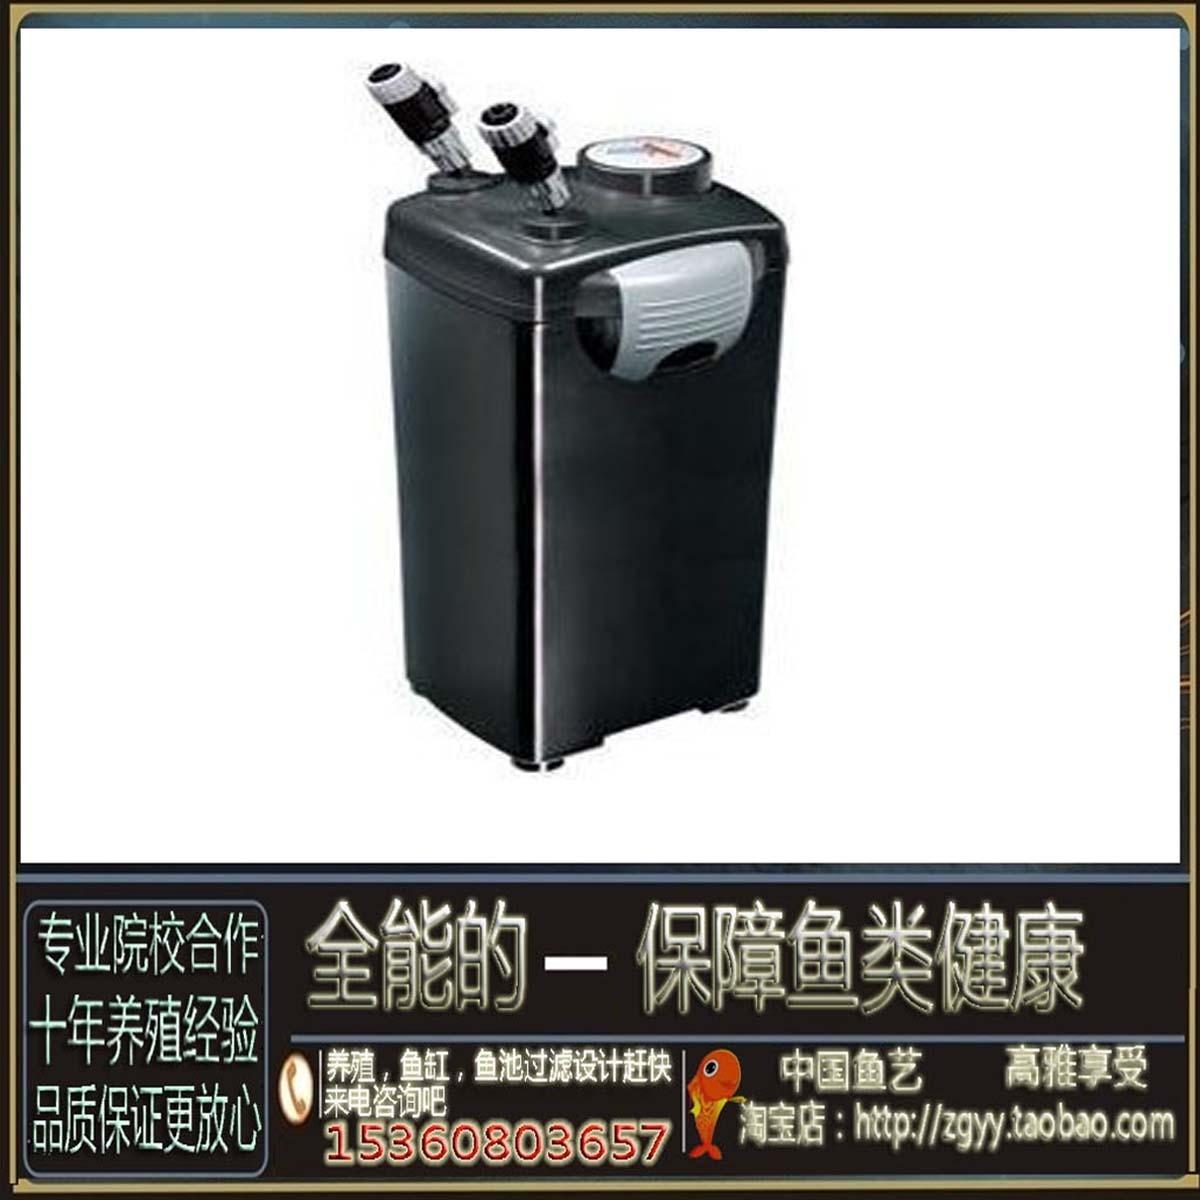 魚缸循環外置過濾桶底過濾器五層高效過濾佳寶839商品圖片價格圖片